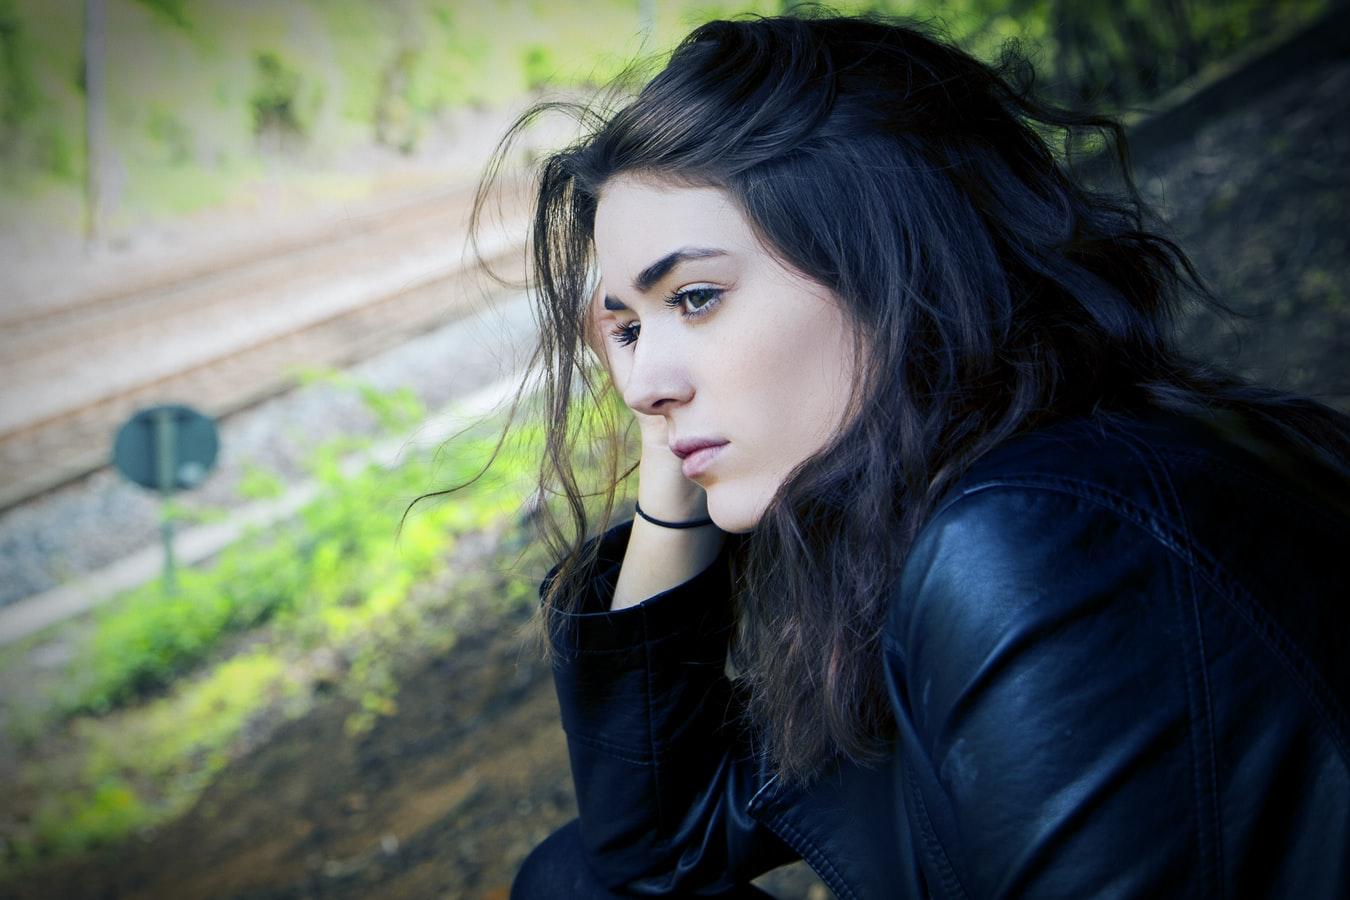 Πώς να βοηθήσω τον εαυτό μου από το ψυχικό τραύμα